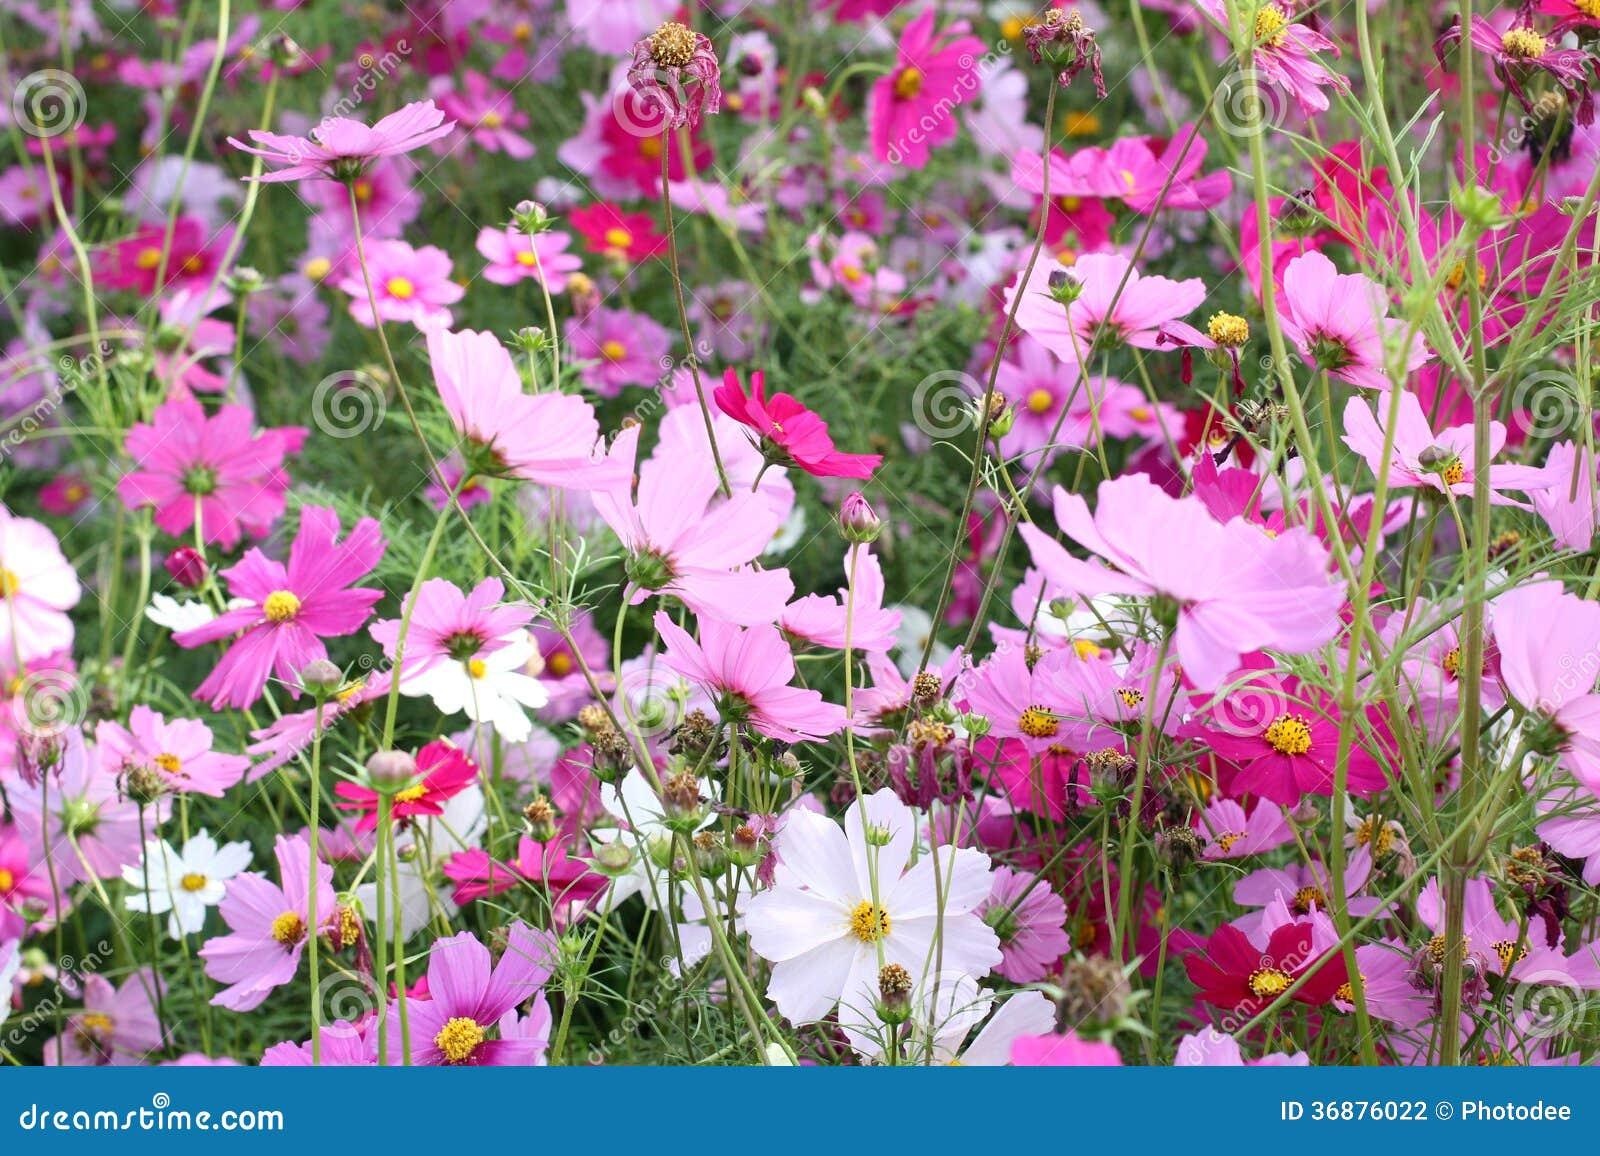 Download Fiore rosa dell'universo fotografia stock. Immagine di fresco - 36876022